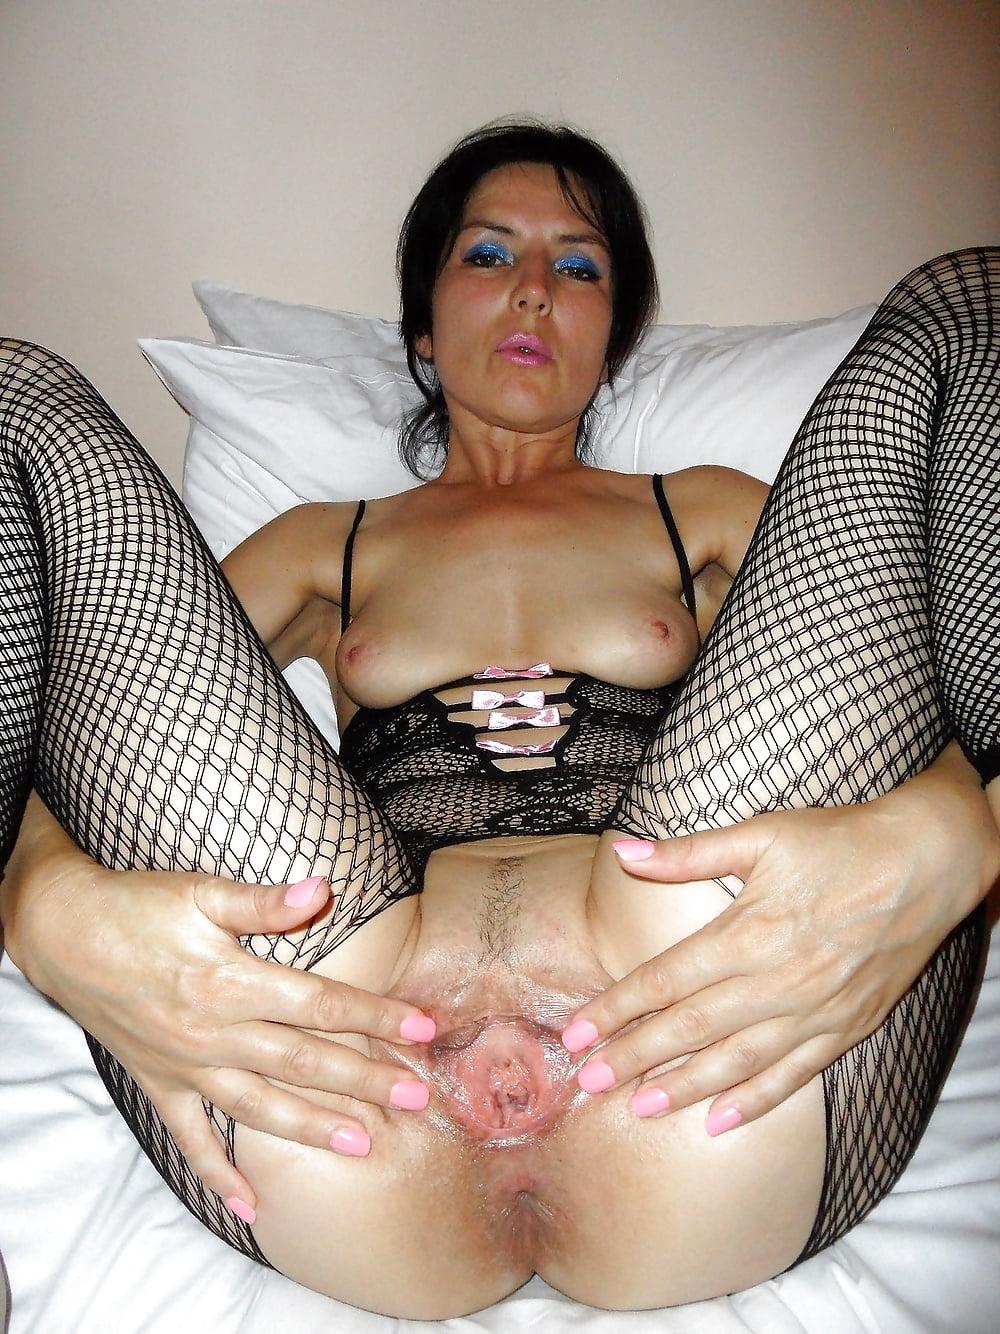 Фото порно развратных тетенек, проснулась и занялась сексом